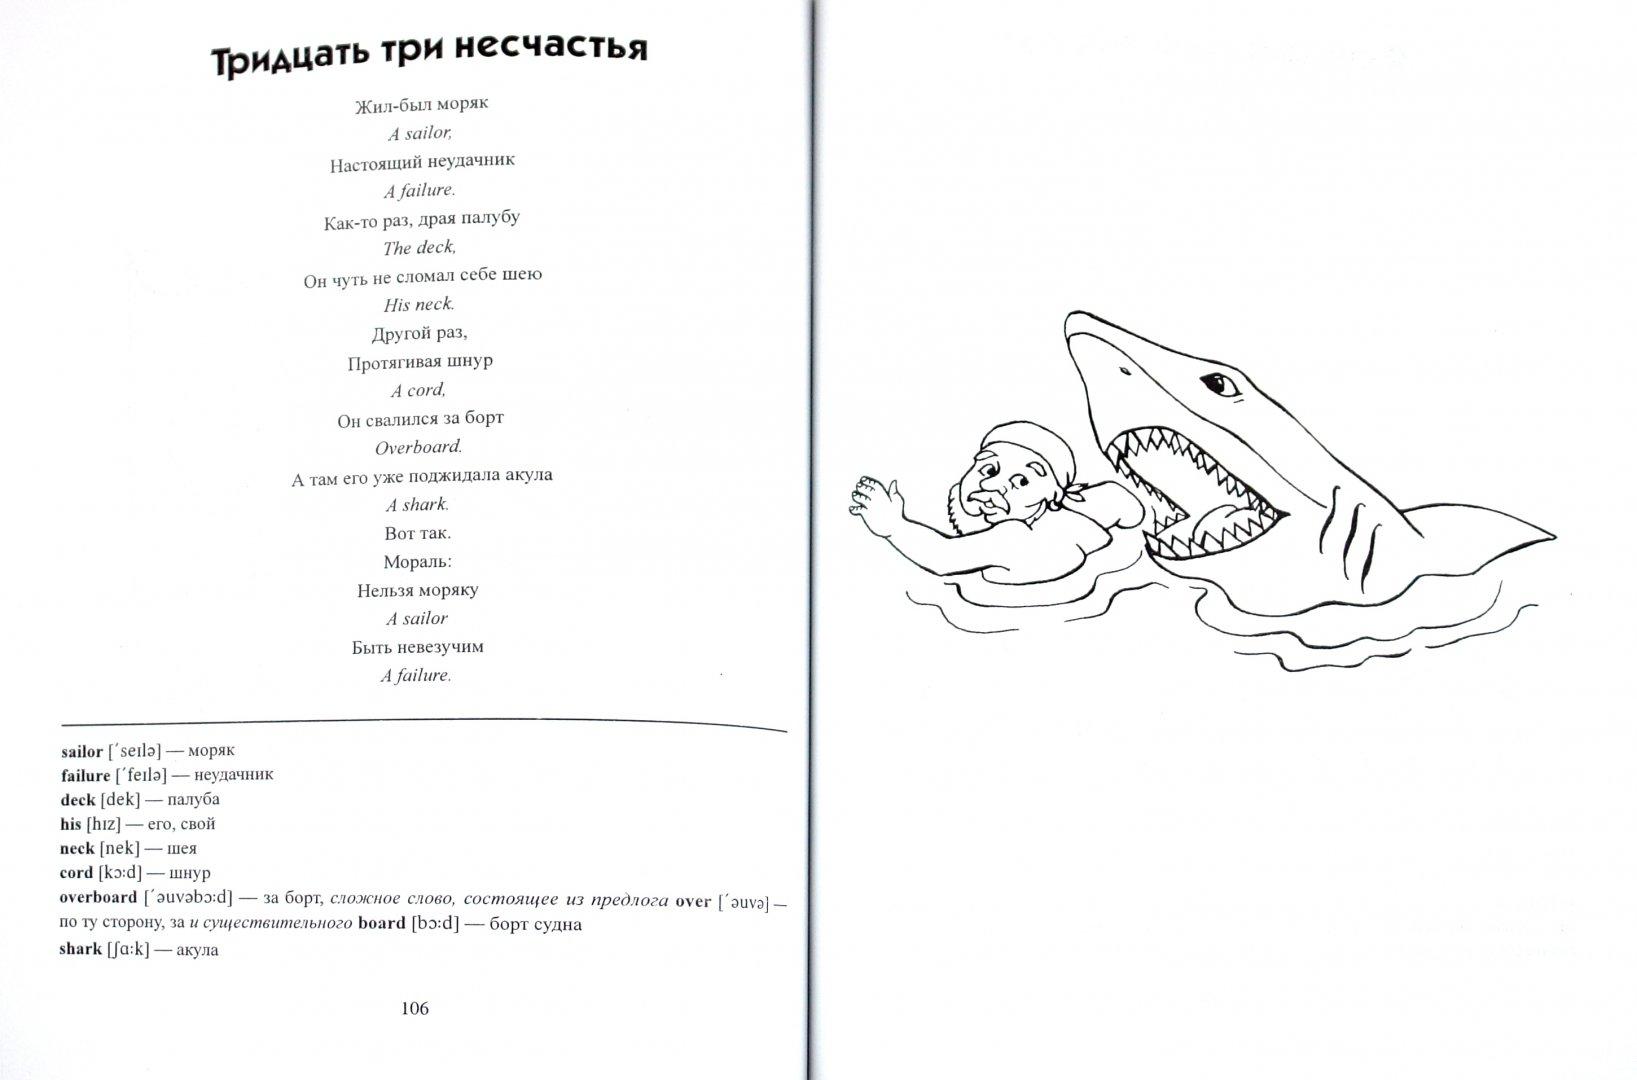 Иллюстрация 1 из 13 для Про лягушку A FROG и собачку A DOG: пособие по английскому языку для дошкольников и мл. школьников - Елизавета Хейнонен   Лабиринт - книги. Источник: Лабиринт